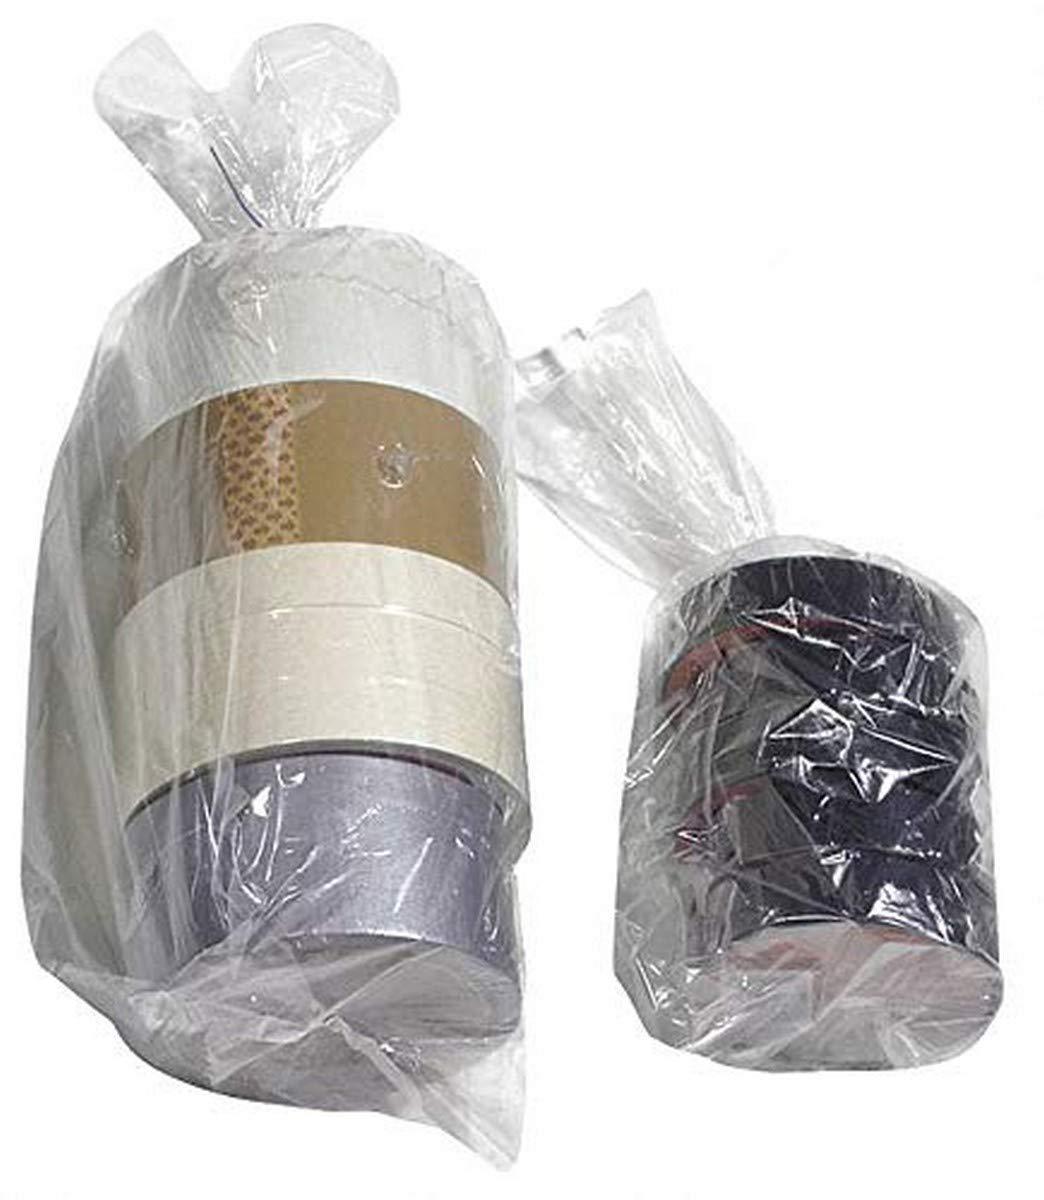 Pack of 5000 Elkay Plastics 20F-0305 2 mil Low Density Flat Bag Clear 3 x 5